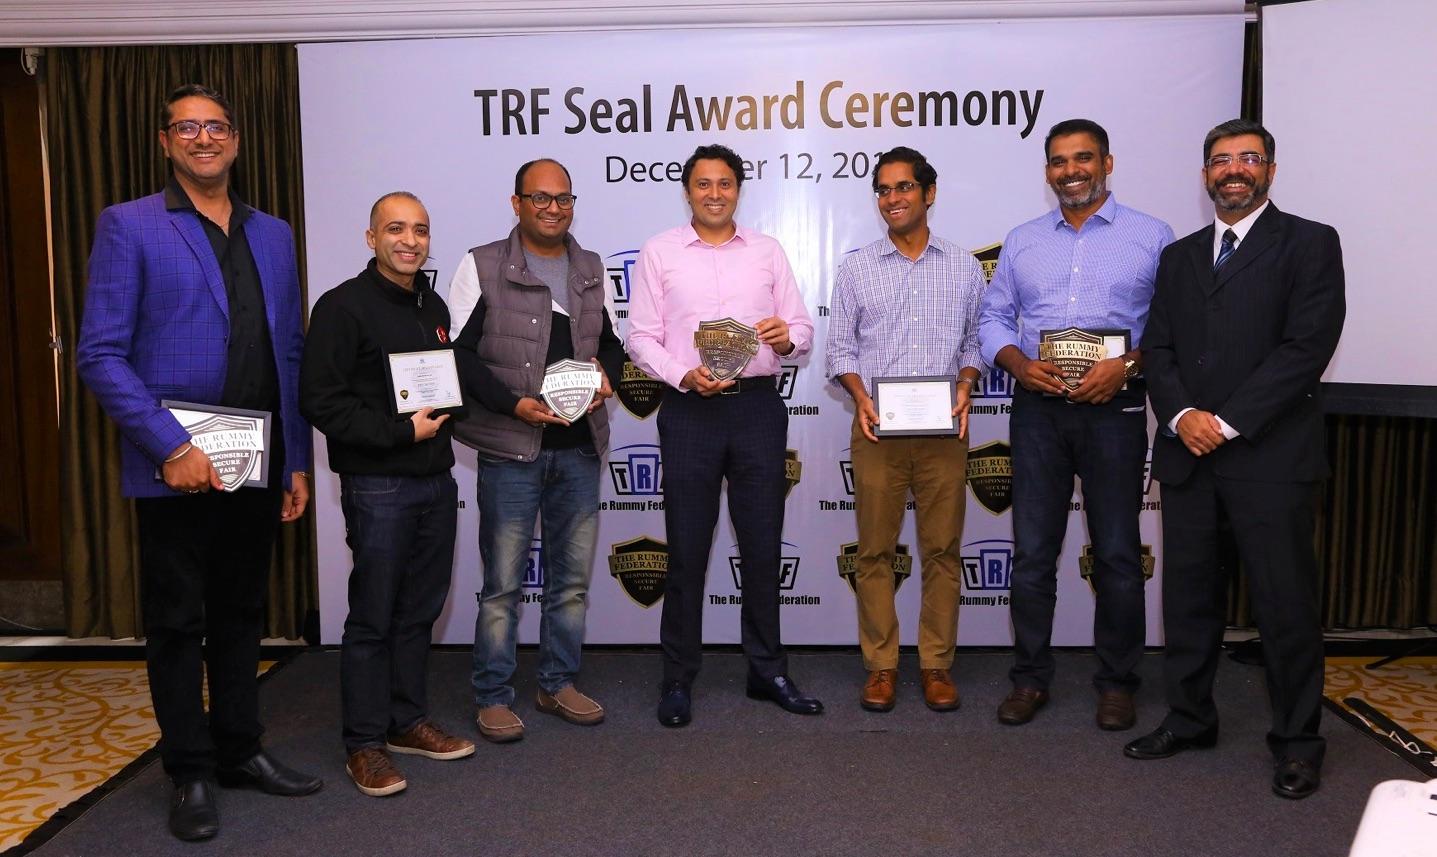 TRF Dynamic Seal